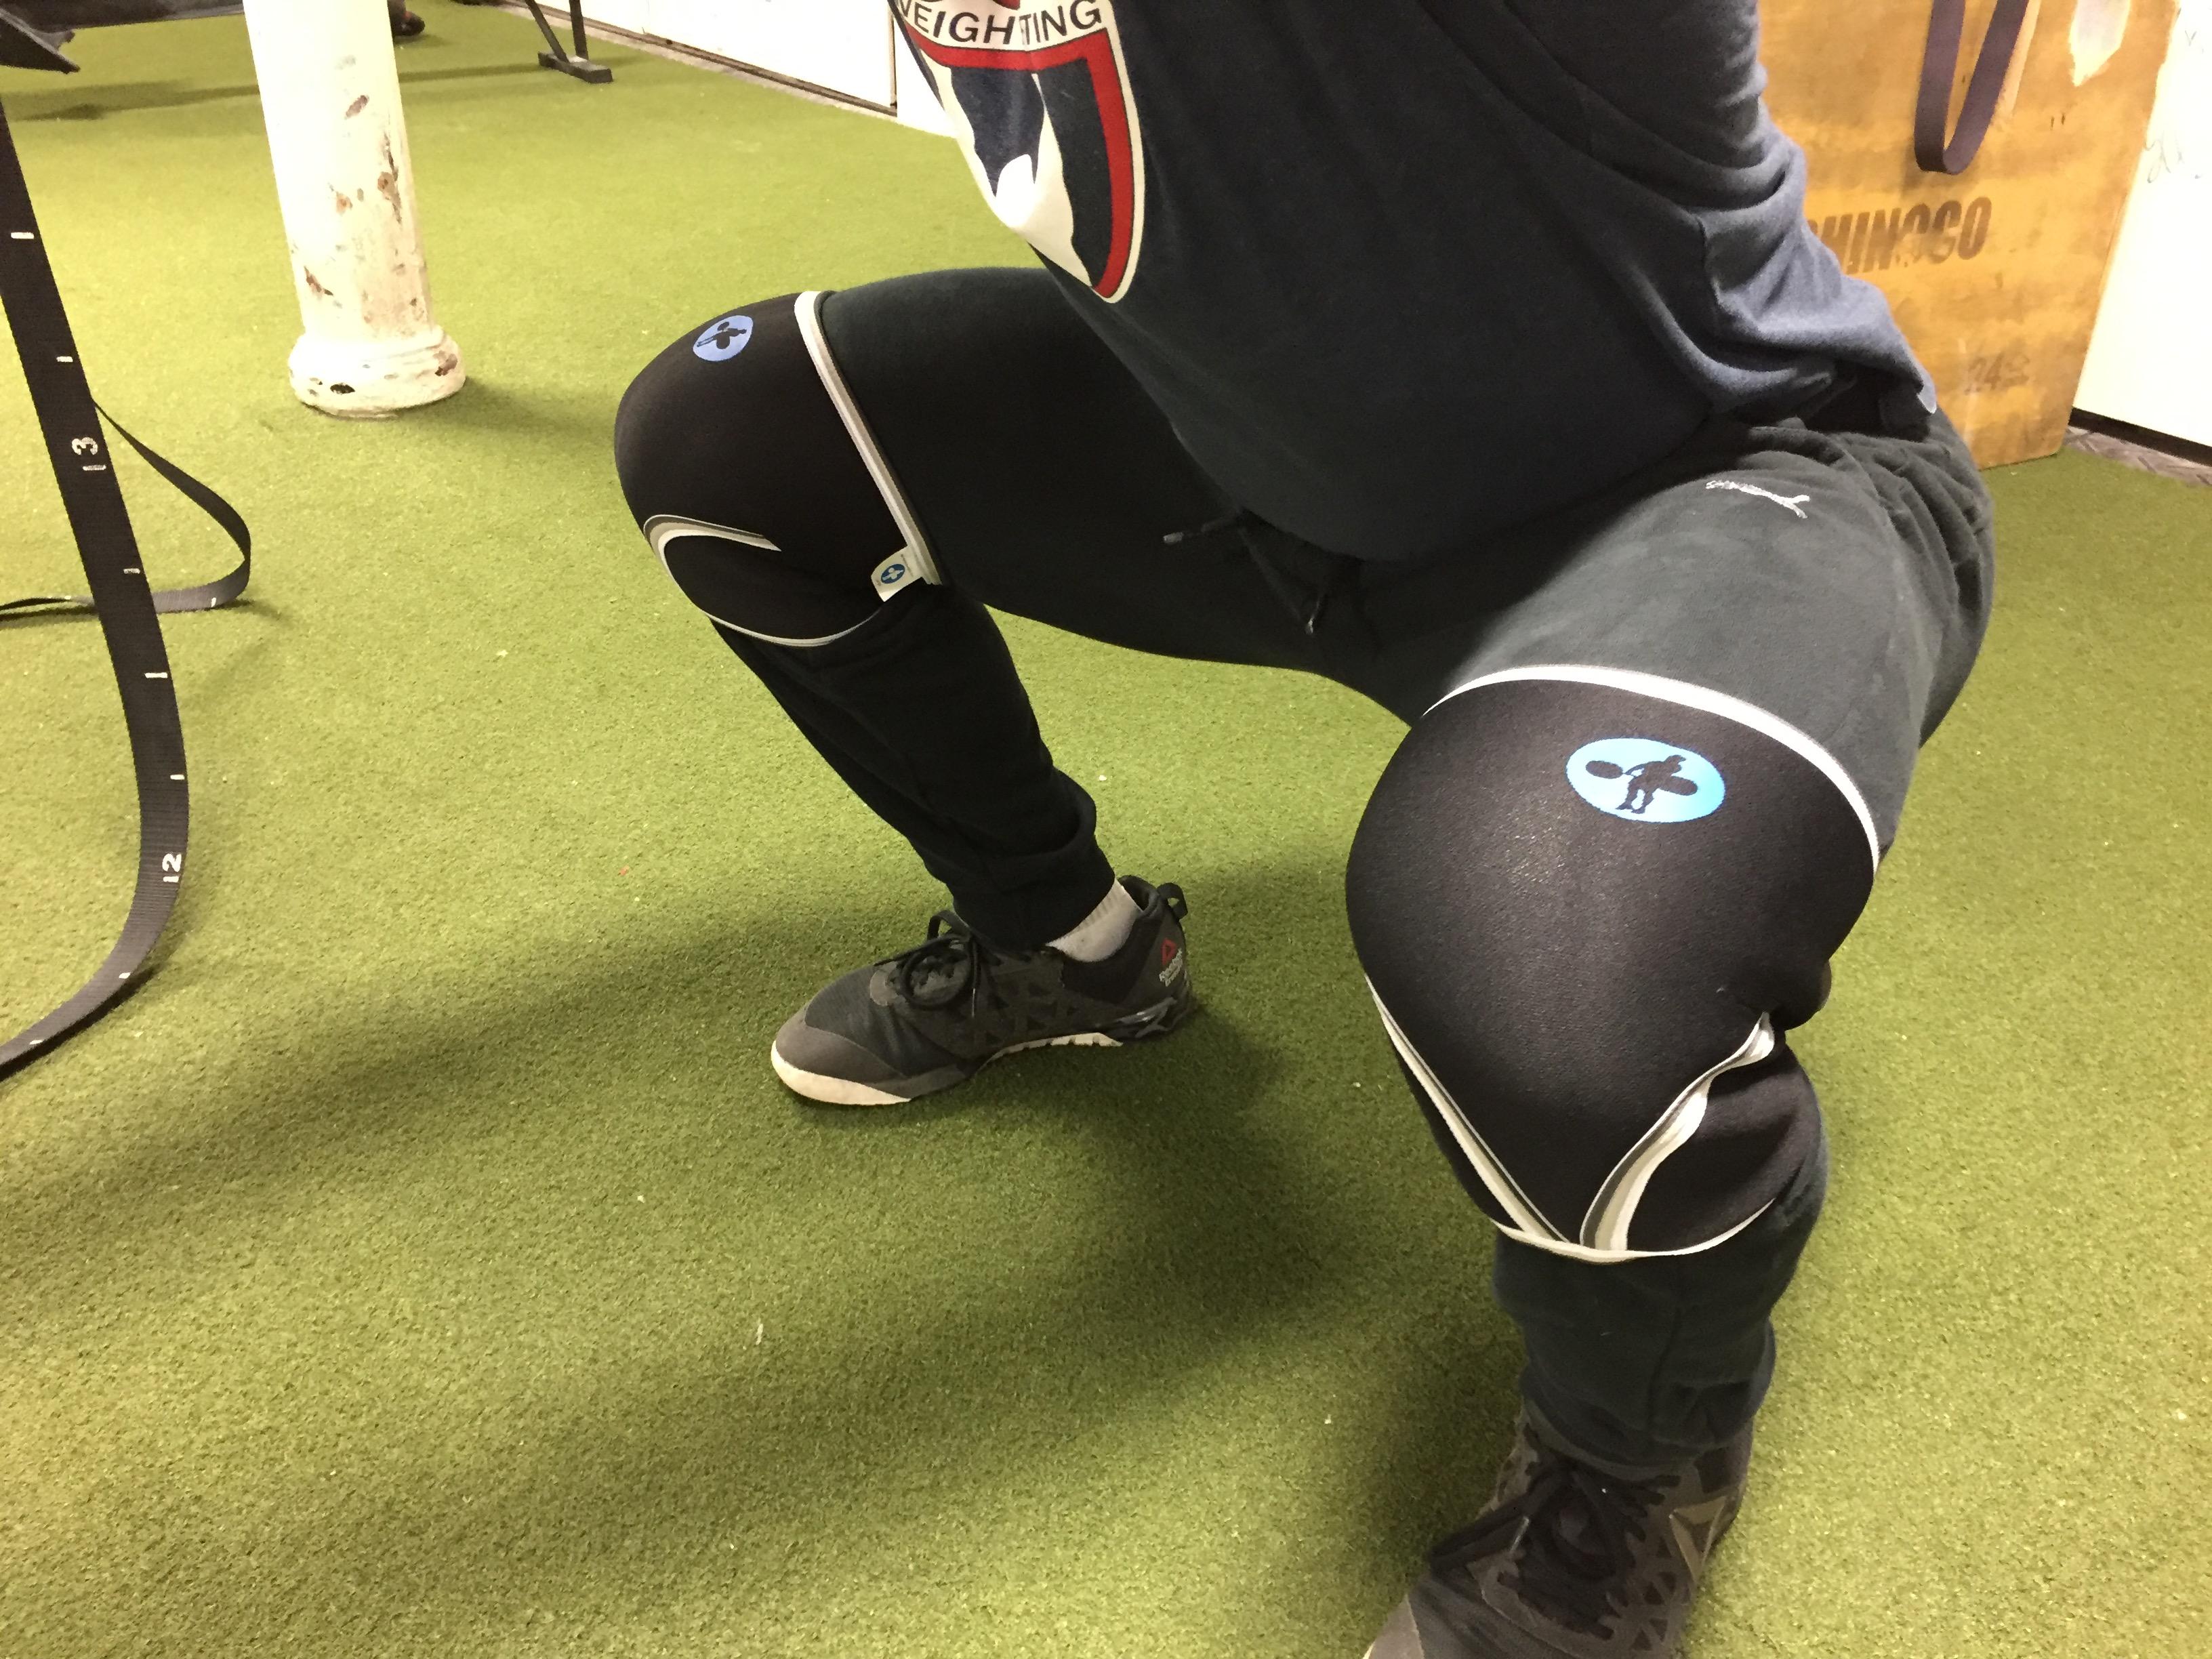 7577362599 Hookgrip Neoprene Knee Sleeves 2.0 Review - BarBend